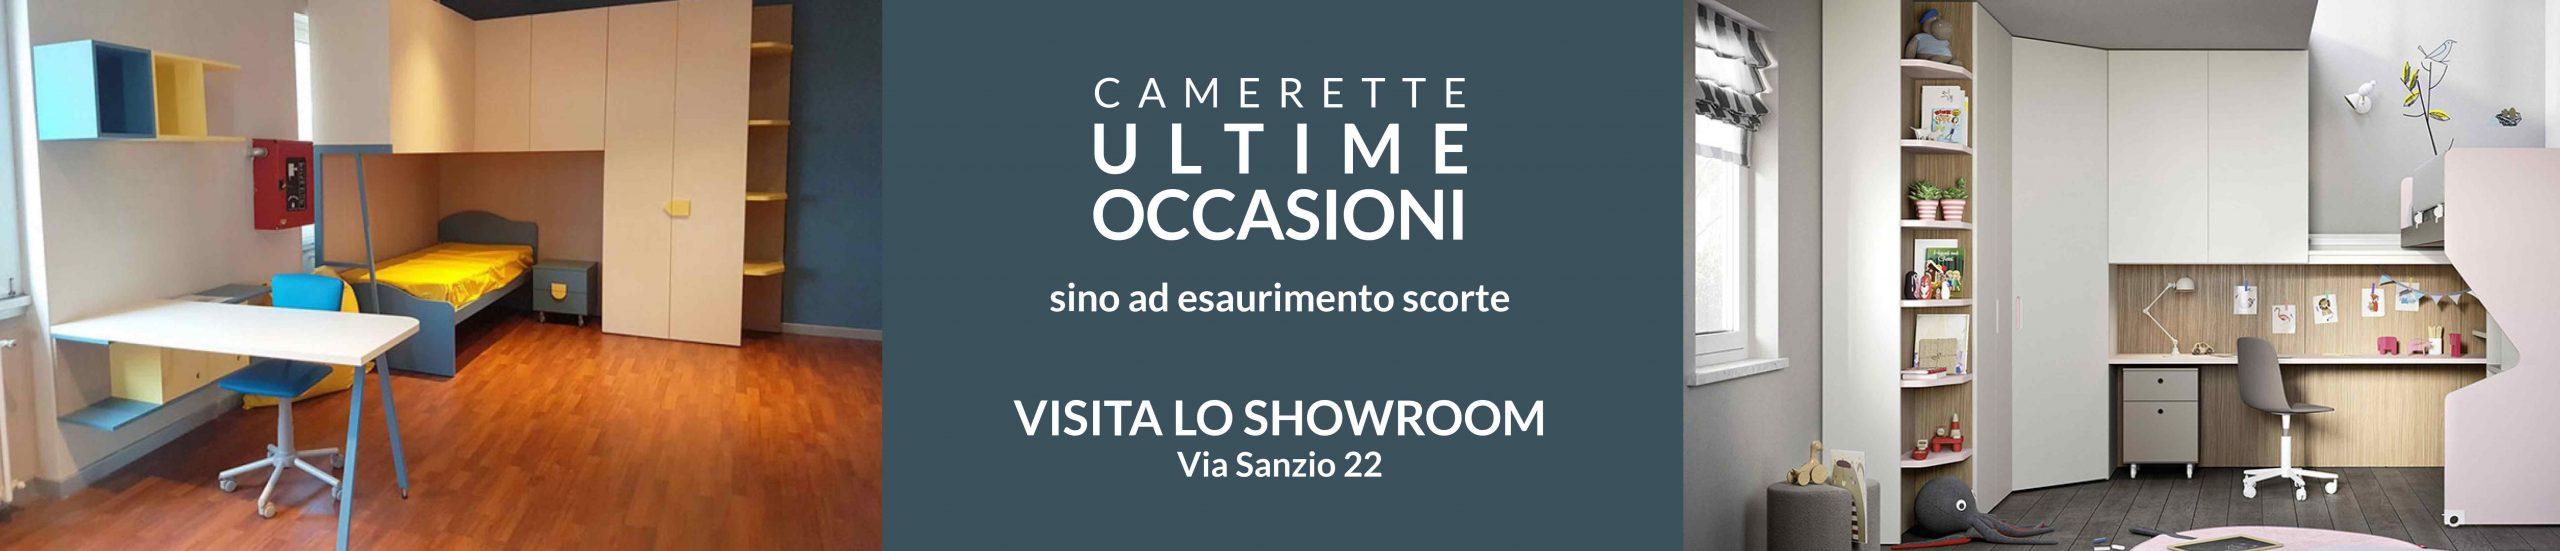 Banner-camerette-1860x400